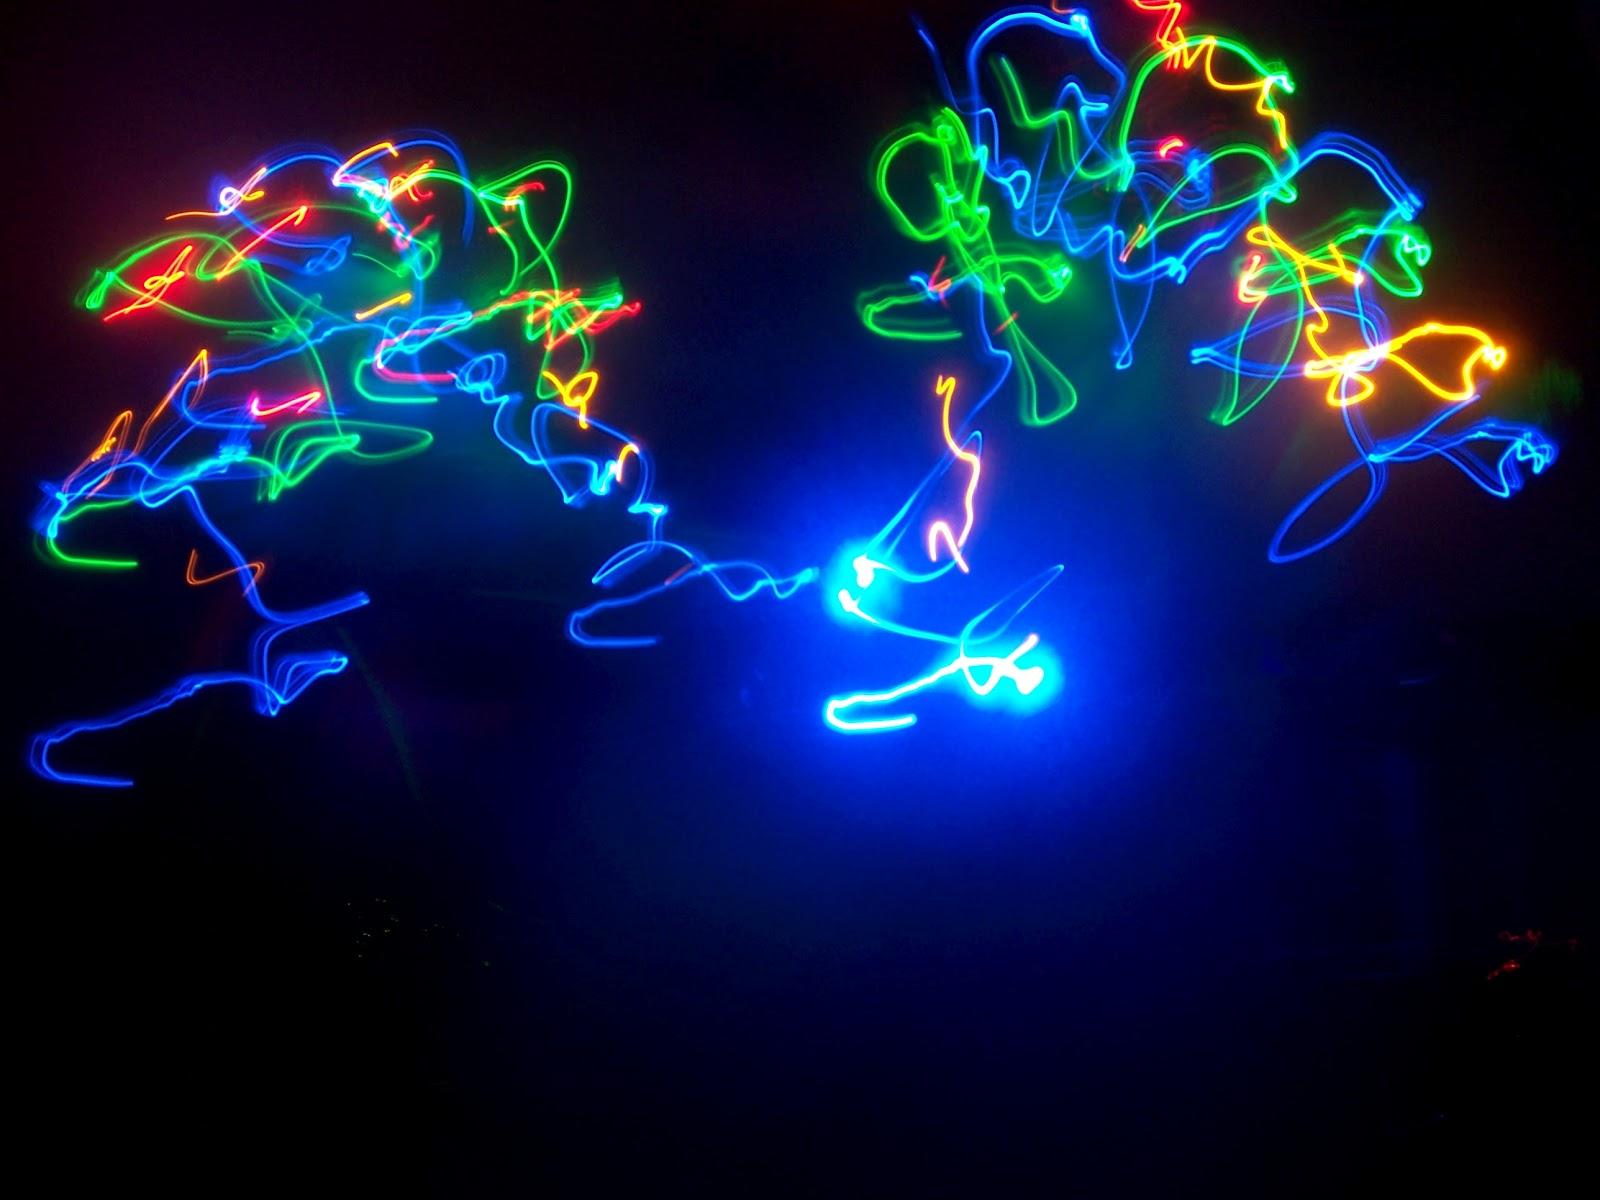 Neon Lights Wallpaper 24345 1600x1200 px HDWallSourcecom 1600x1200